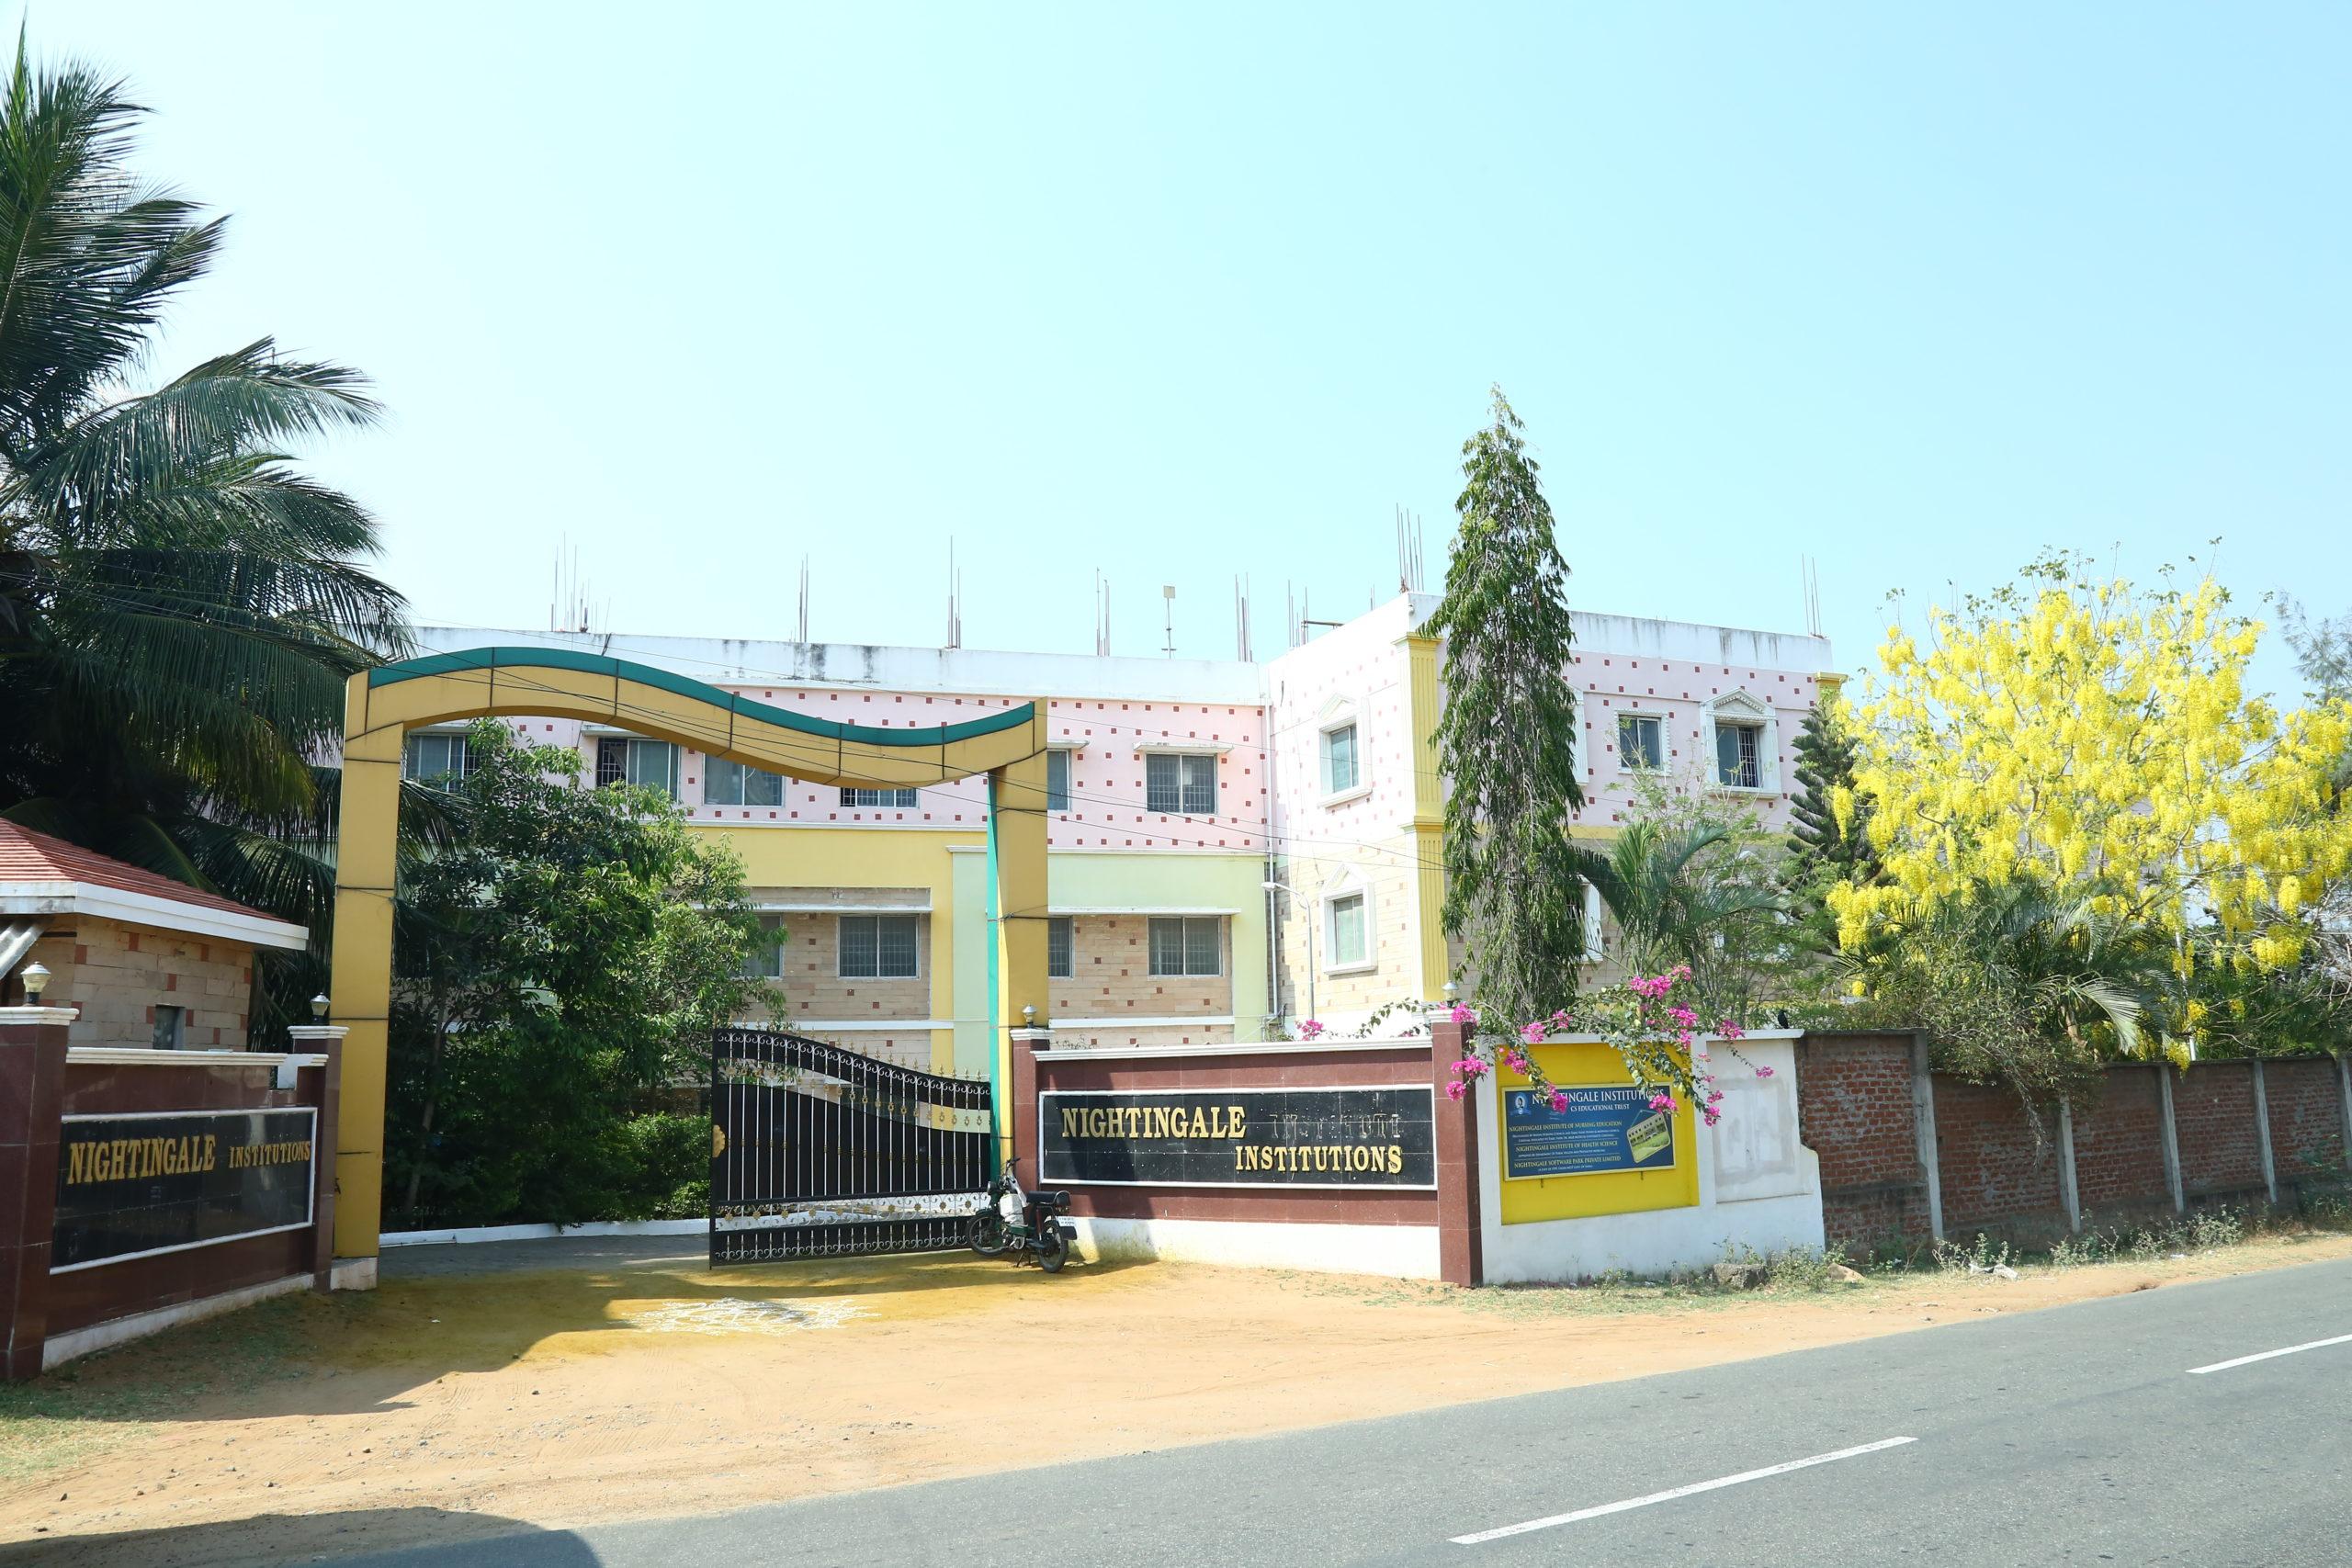 Nightingale Institute of Nursing Education, Coimbatore Image